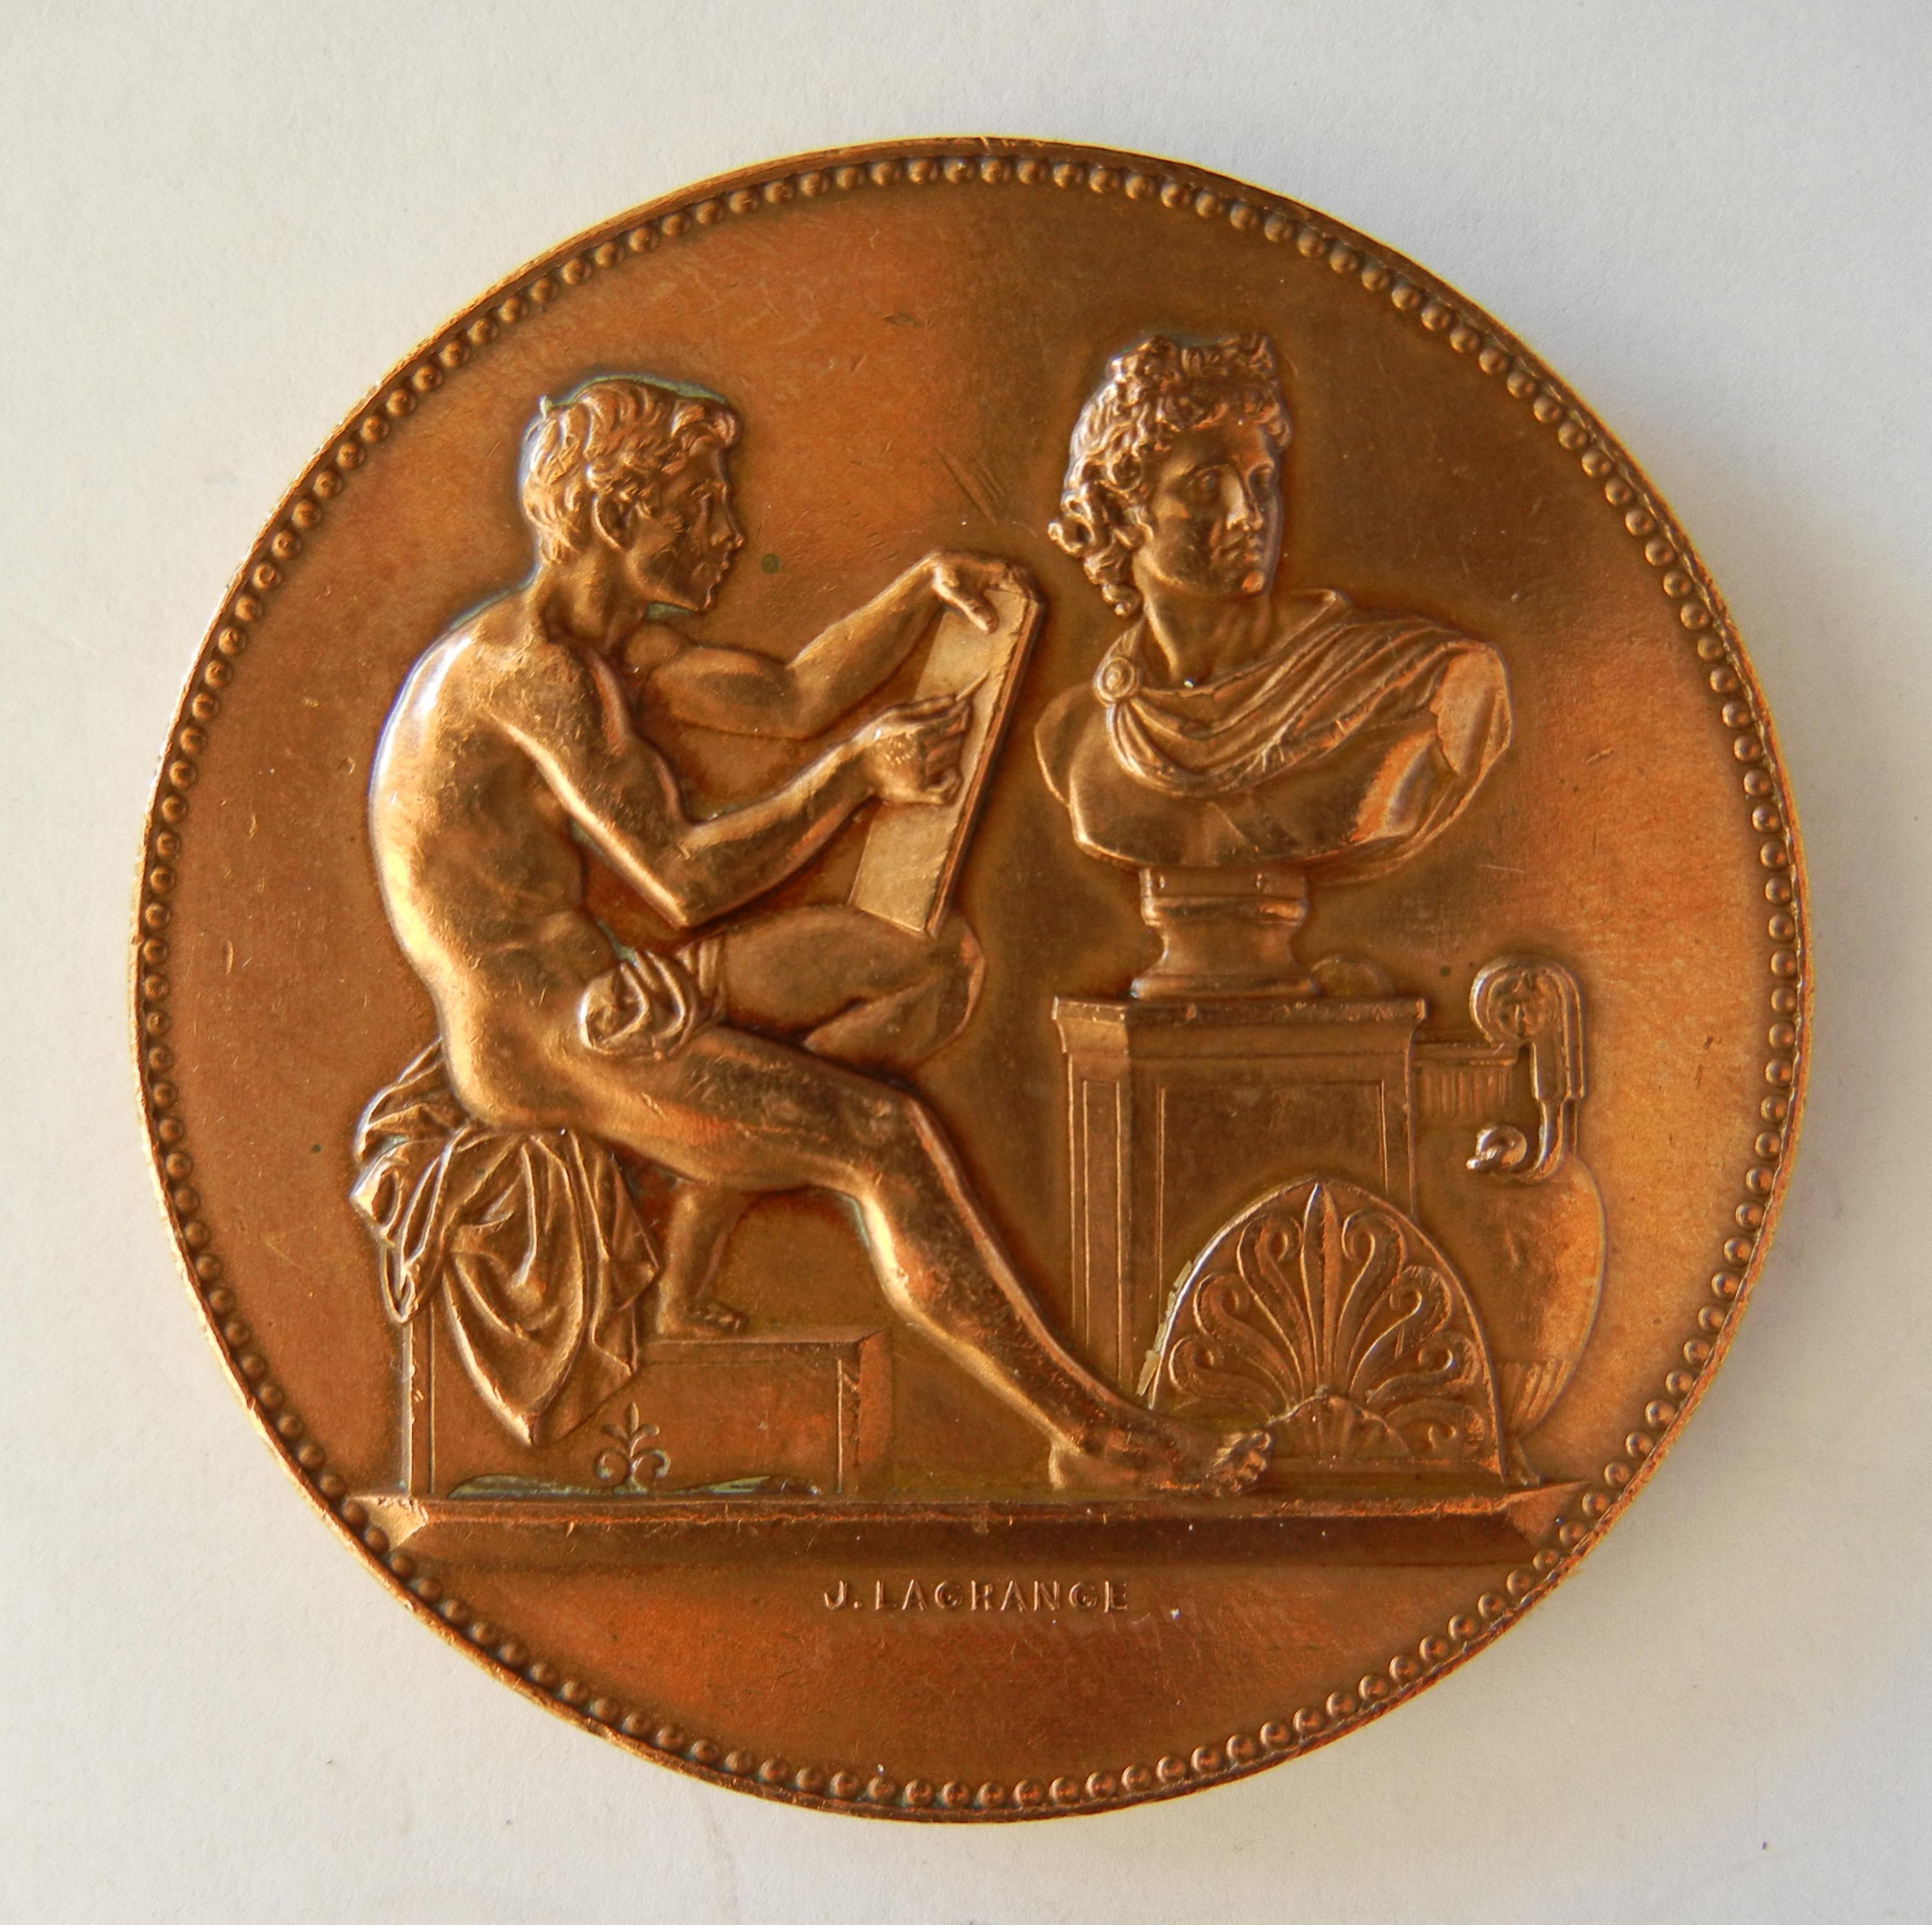 Medaille Ville Paris Offre Empereur Berceau